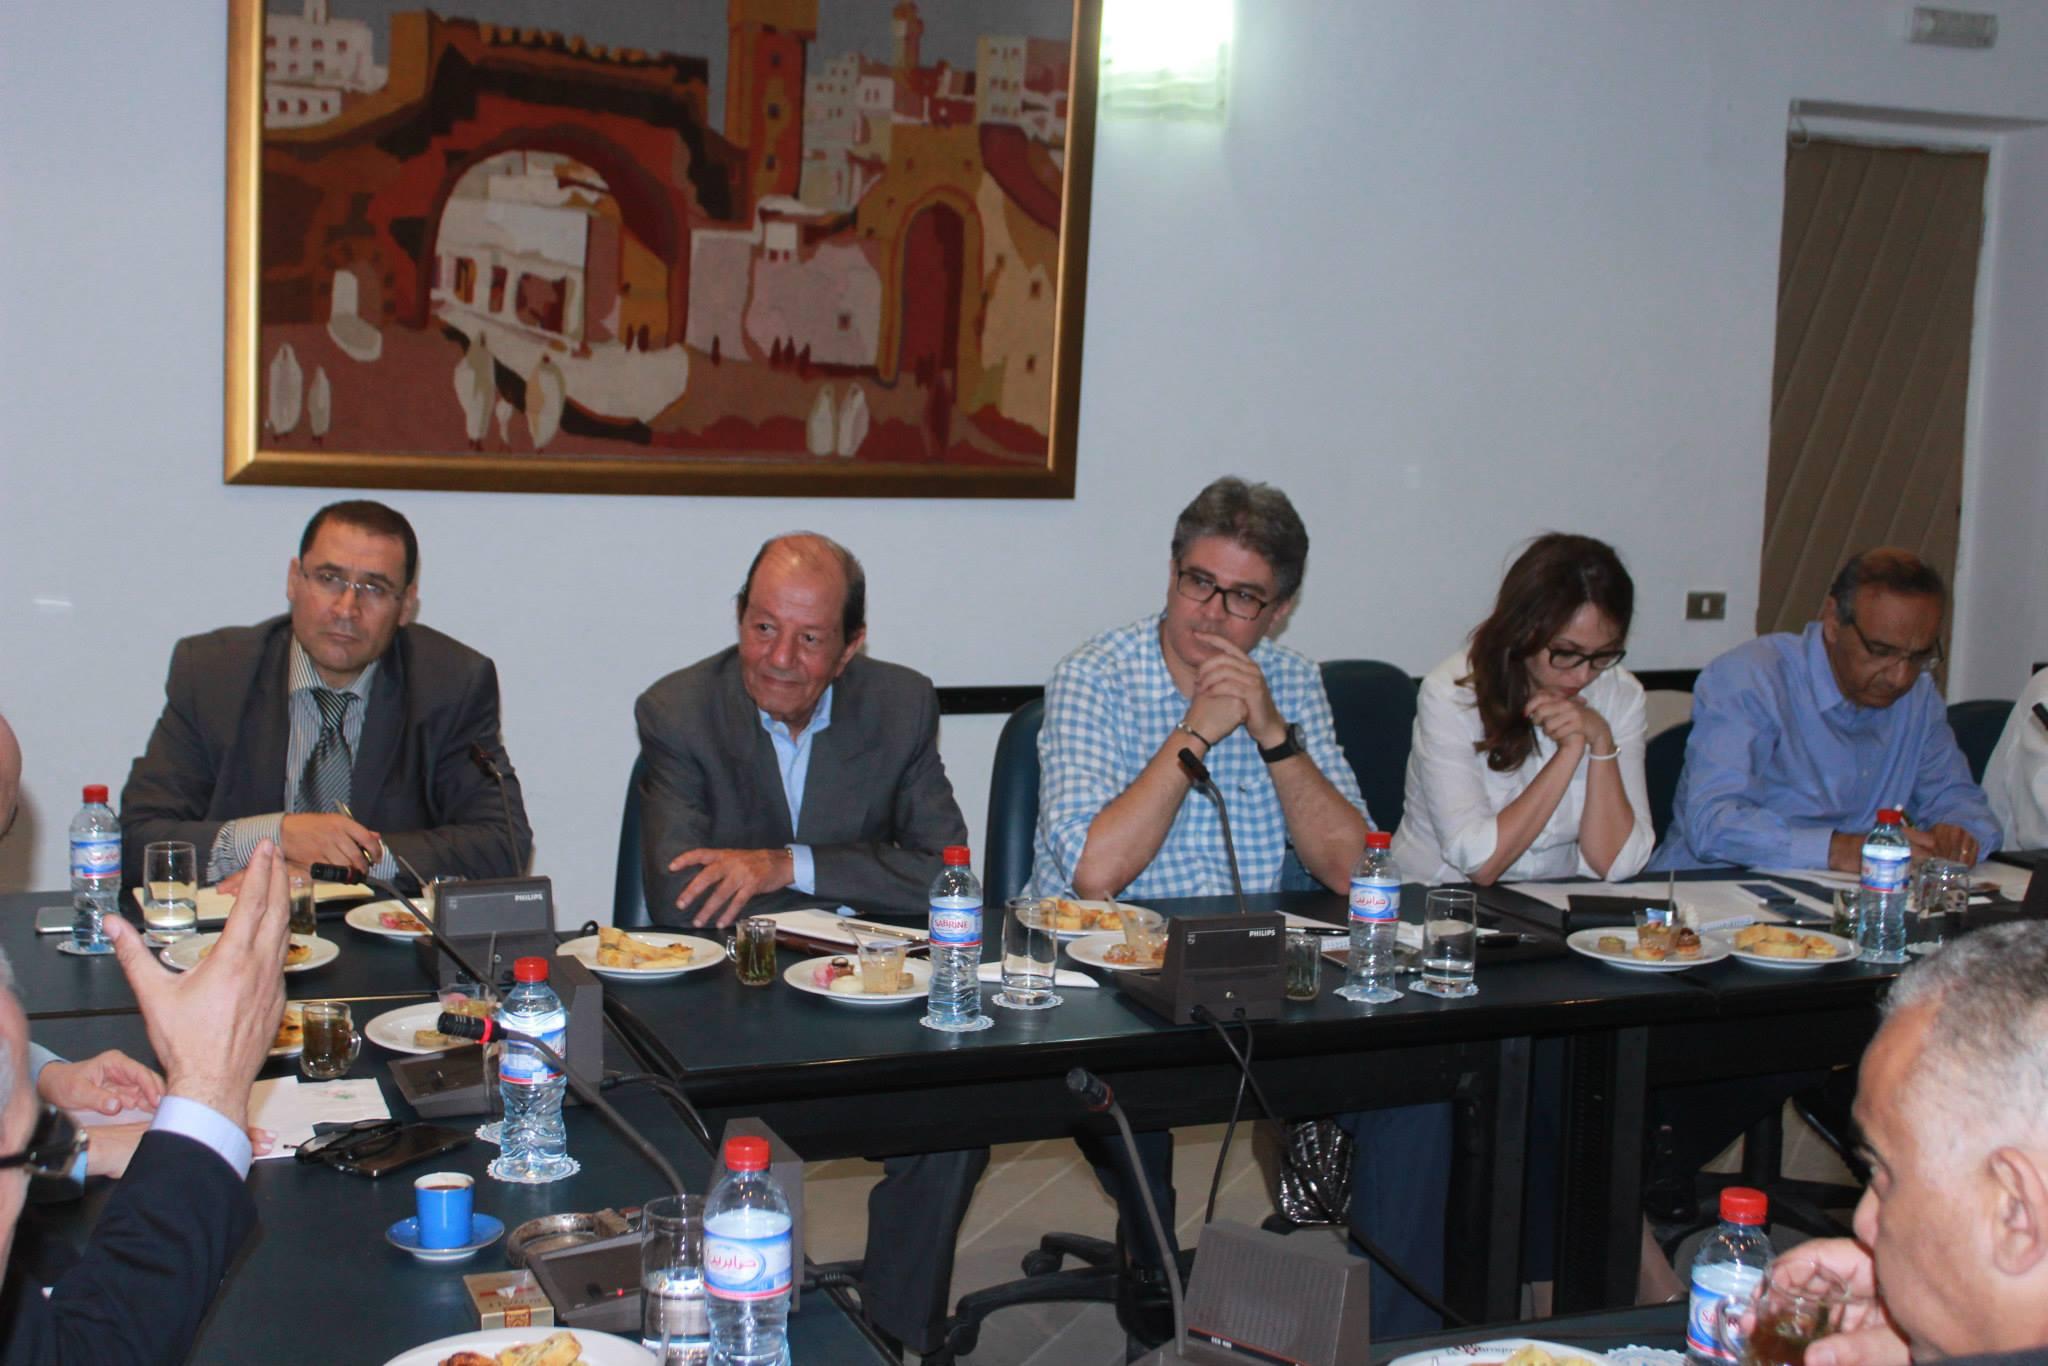 De gauche à droite, présents à la réunion: le DG de l'ONTT, le président de la FTH, celui de la FTAV, la SG de la FTAV et le président de la FRH du sud-est.